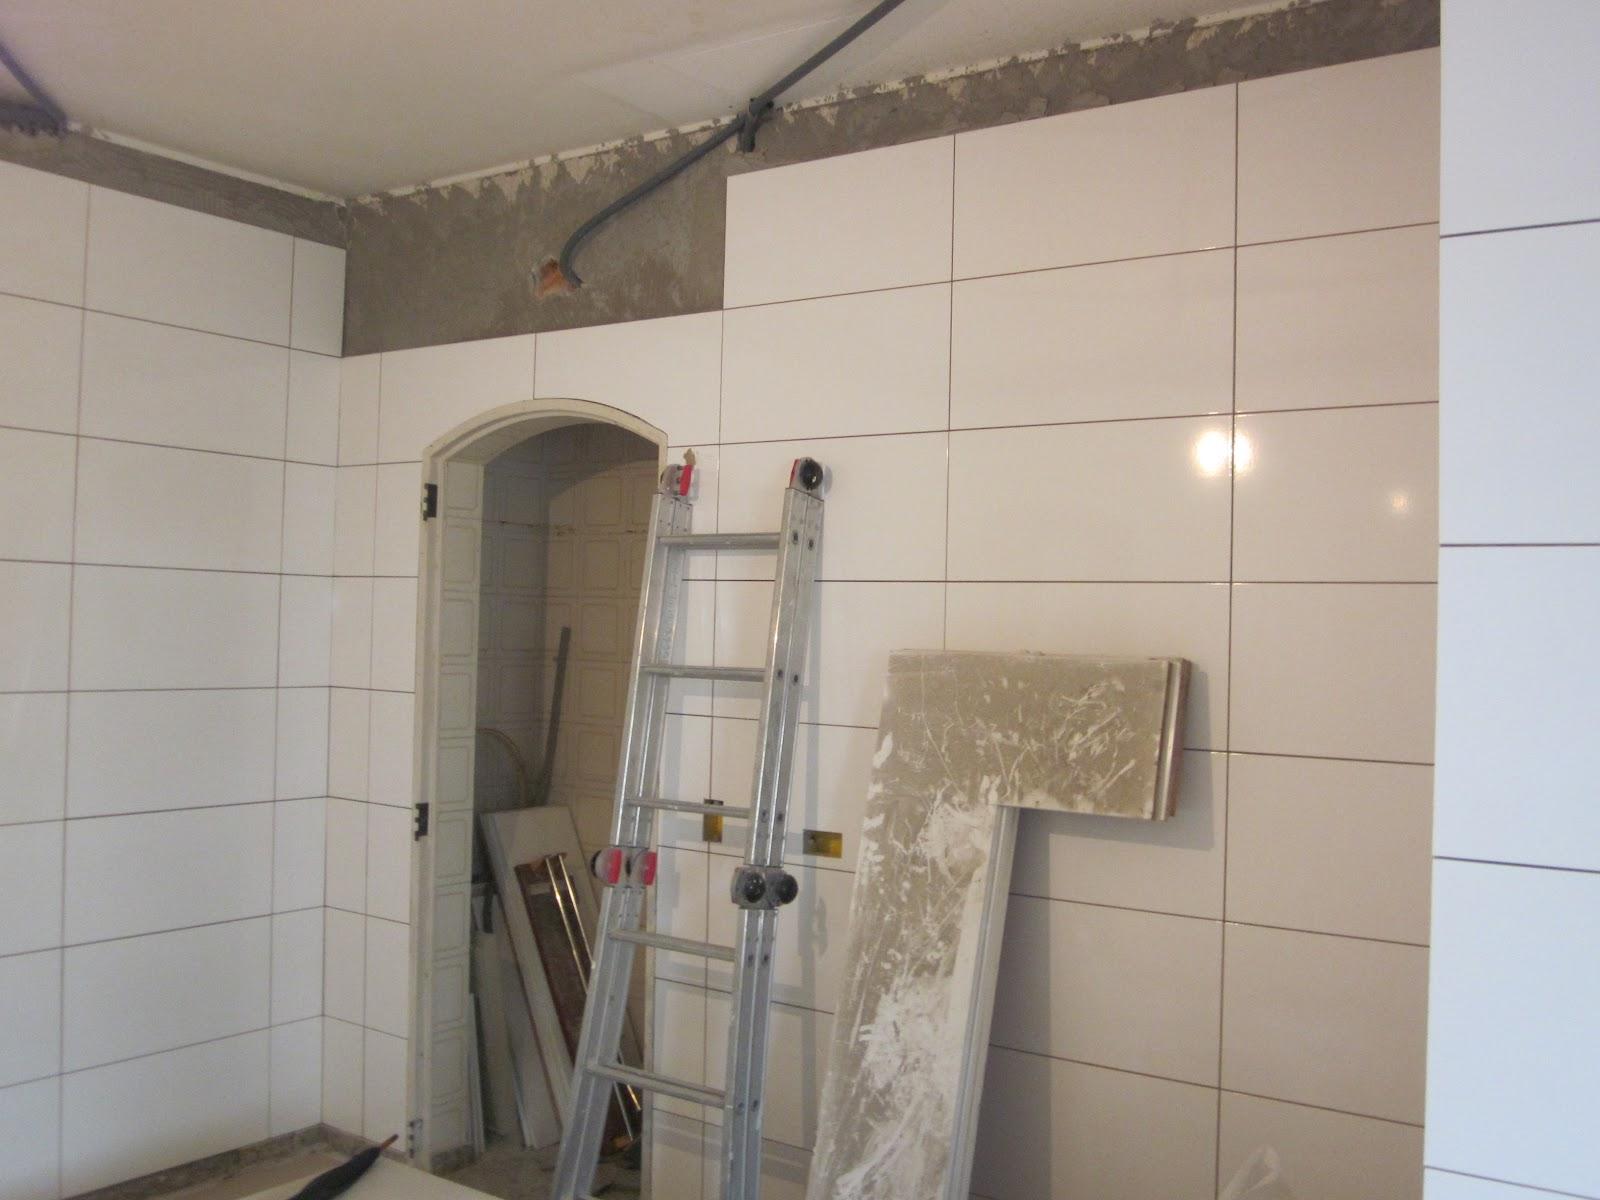 Azulejo Para Banheiro 2 HD Walls Find Wallpapers #776654 1600x1200 Banheiro Com Azulejo Deitado